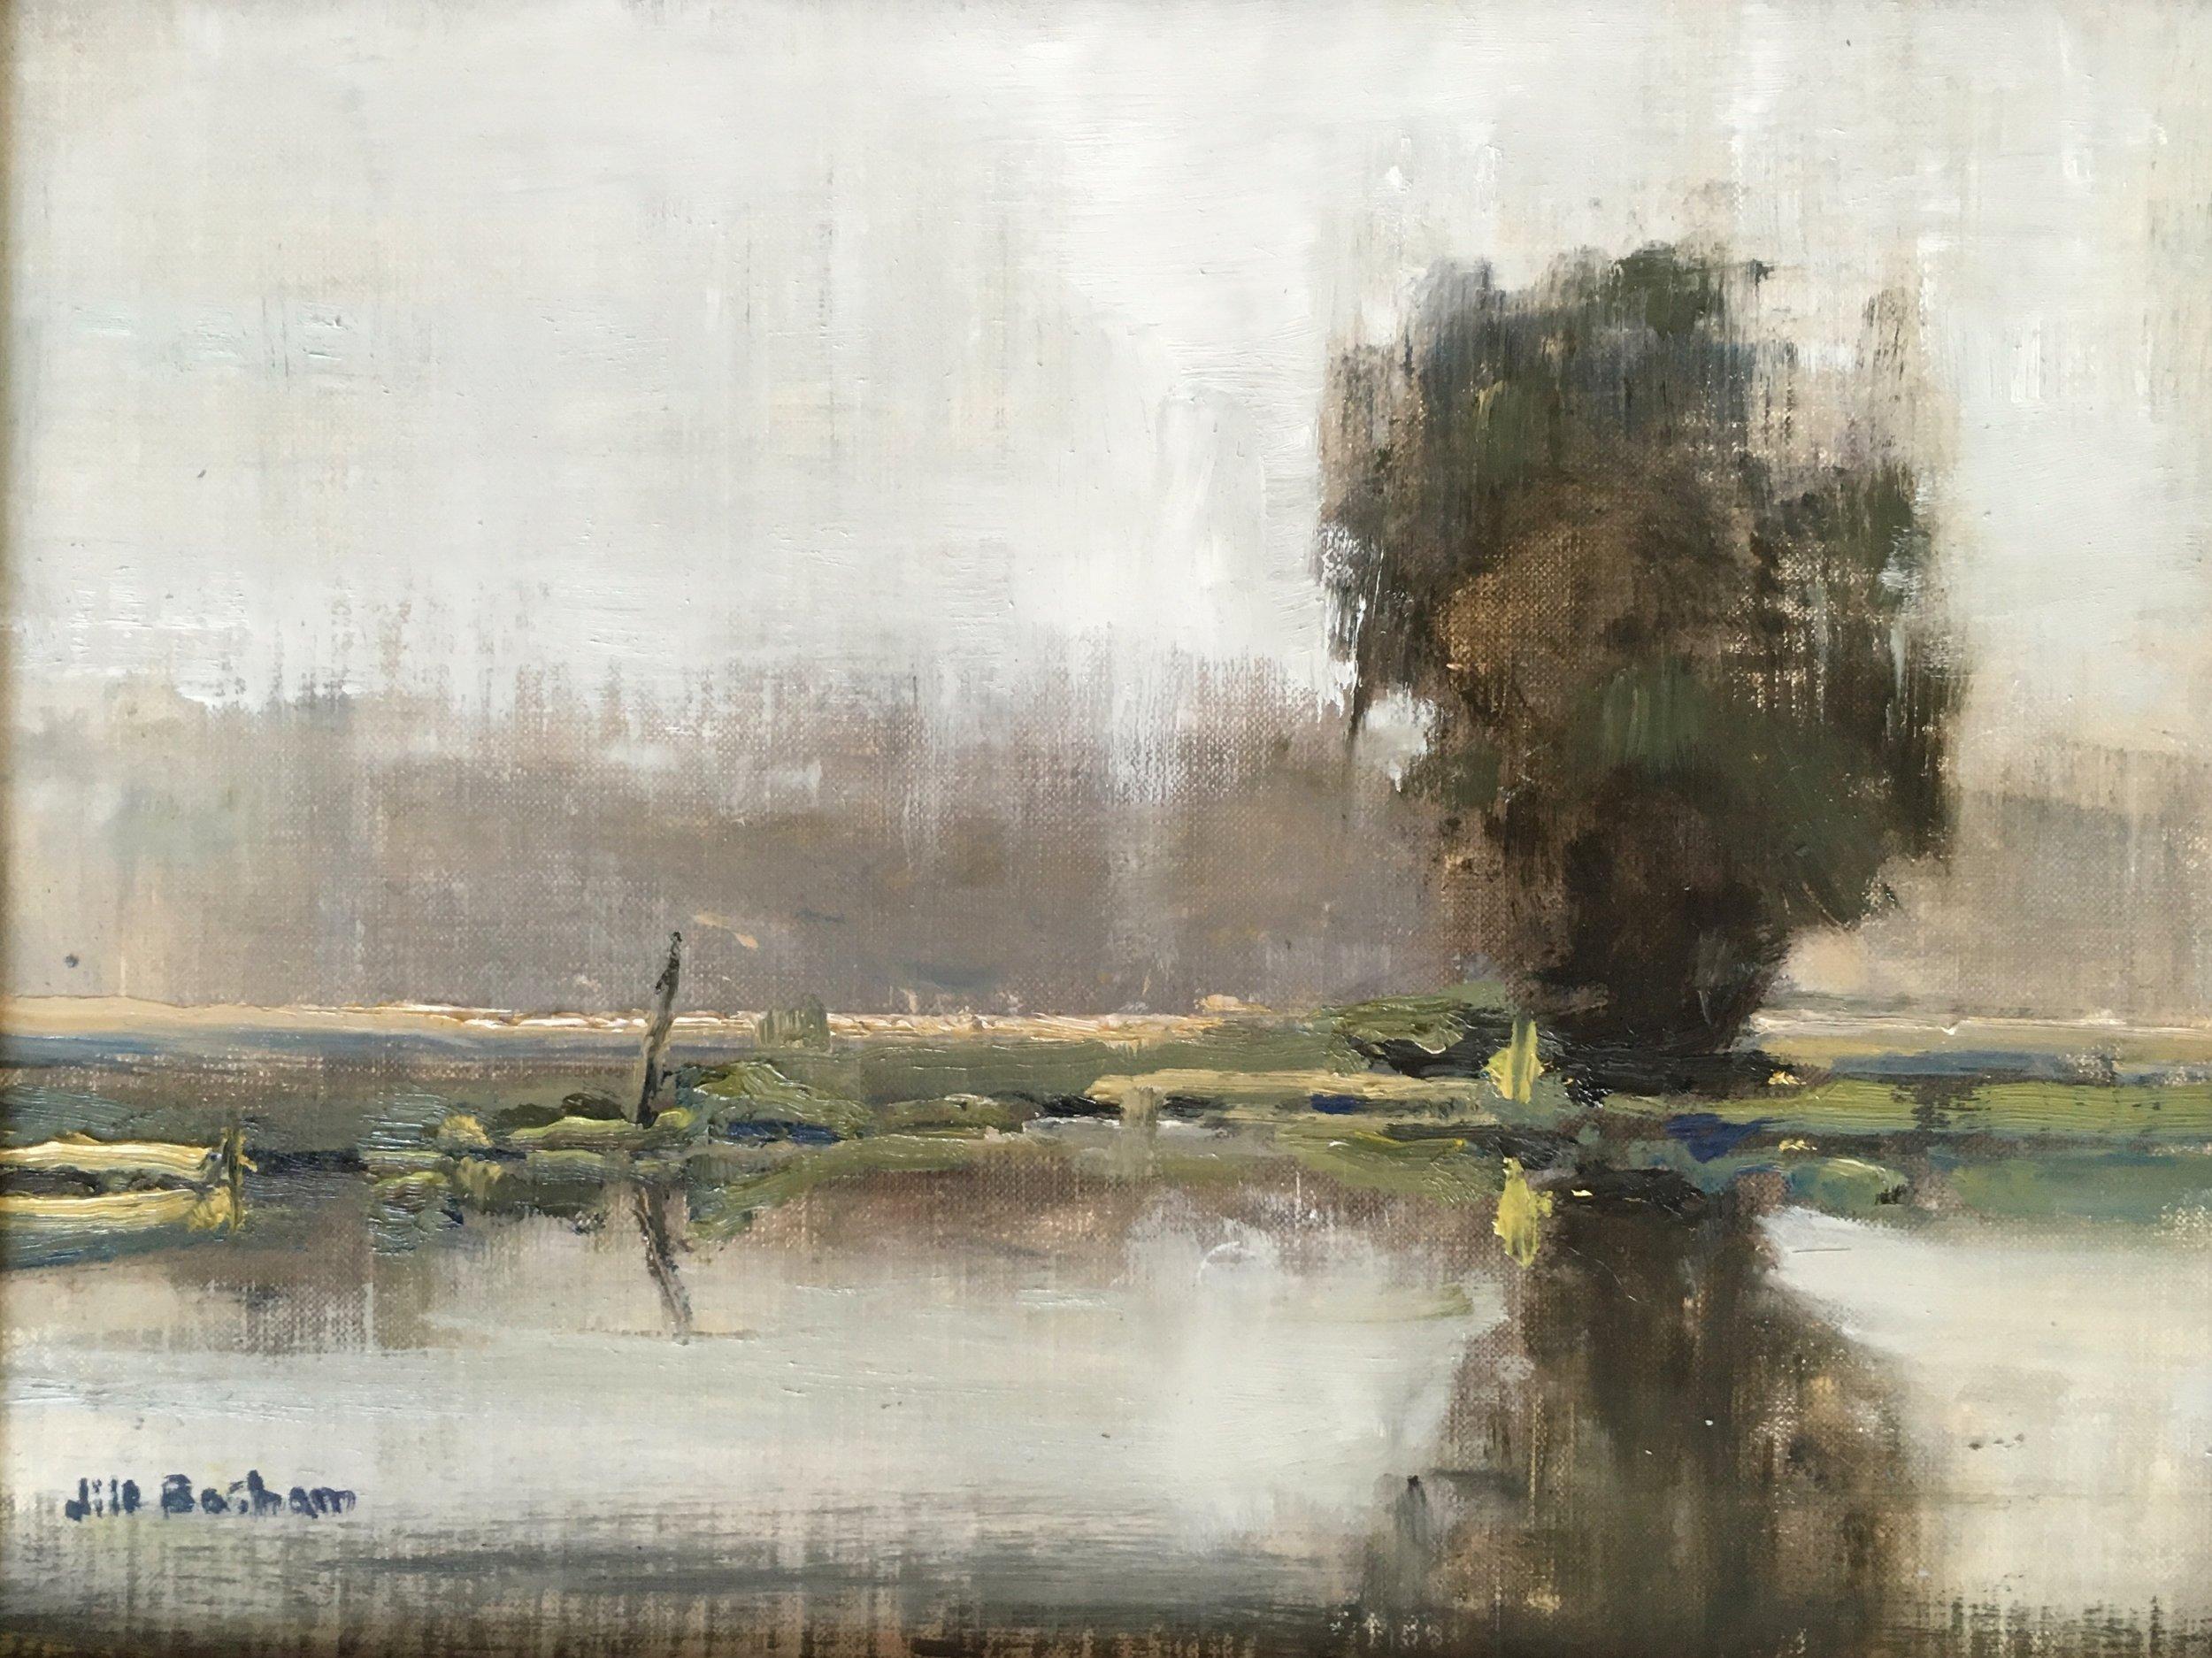 Jill Basham, Morning Fog